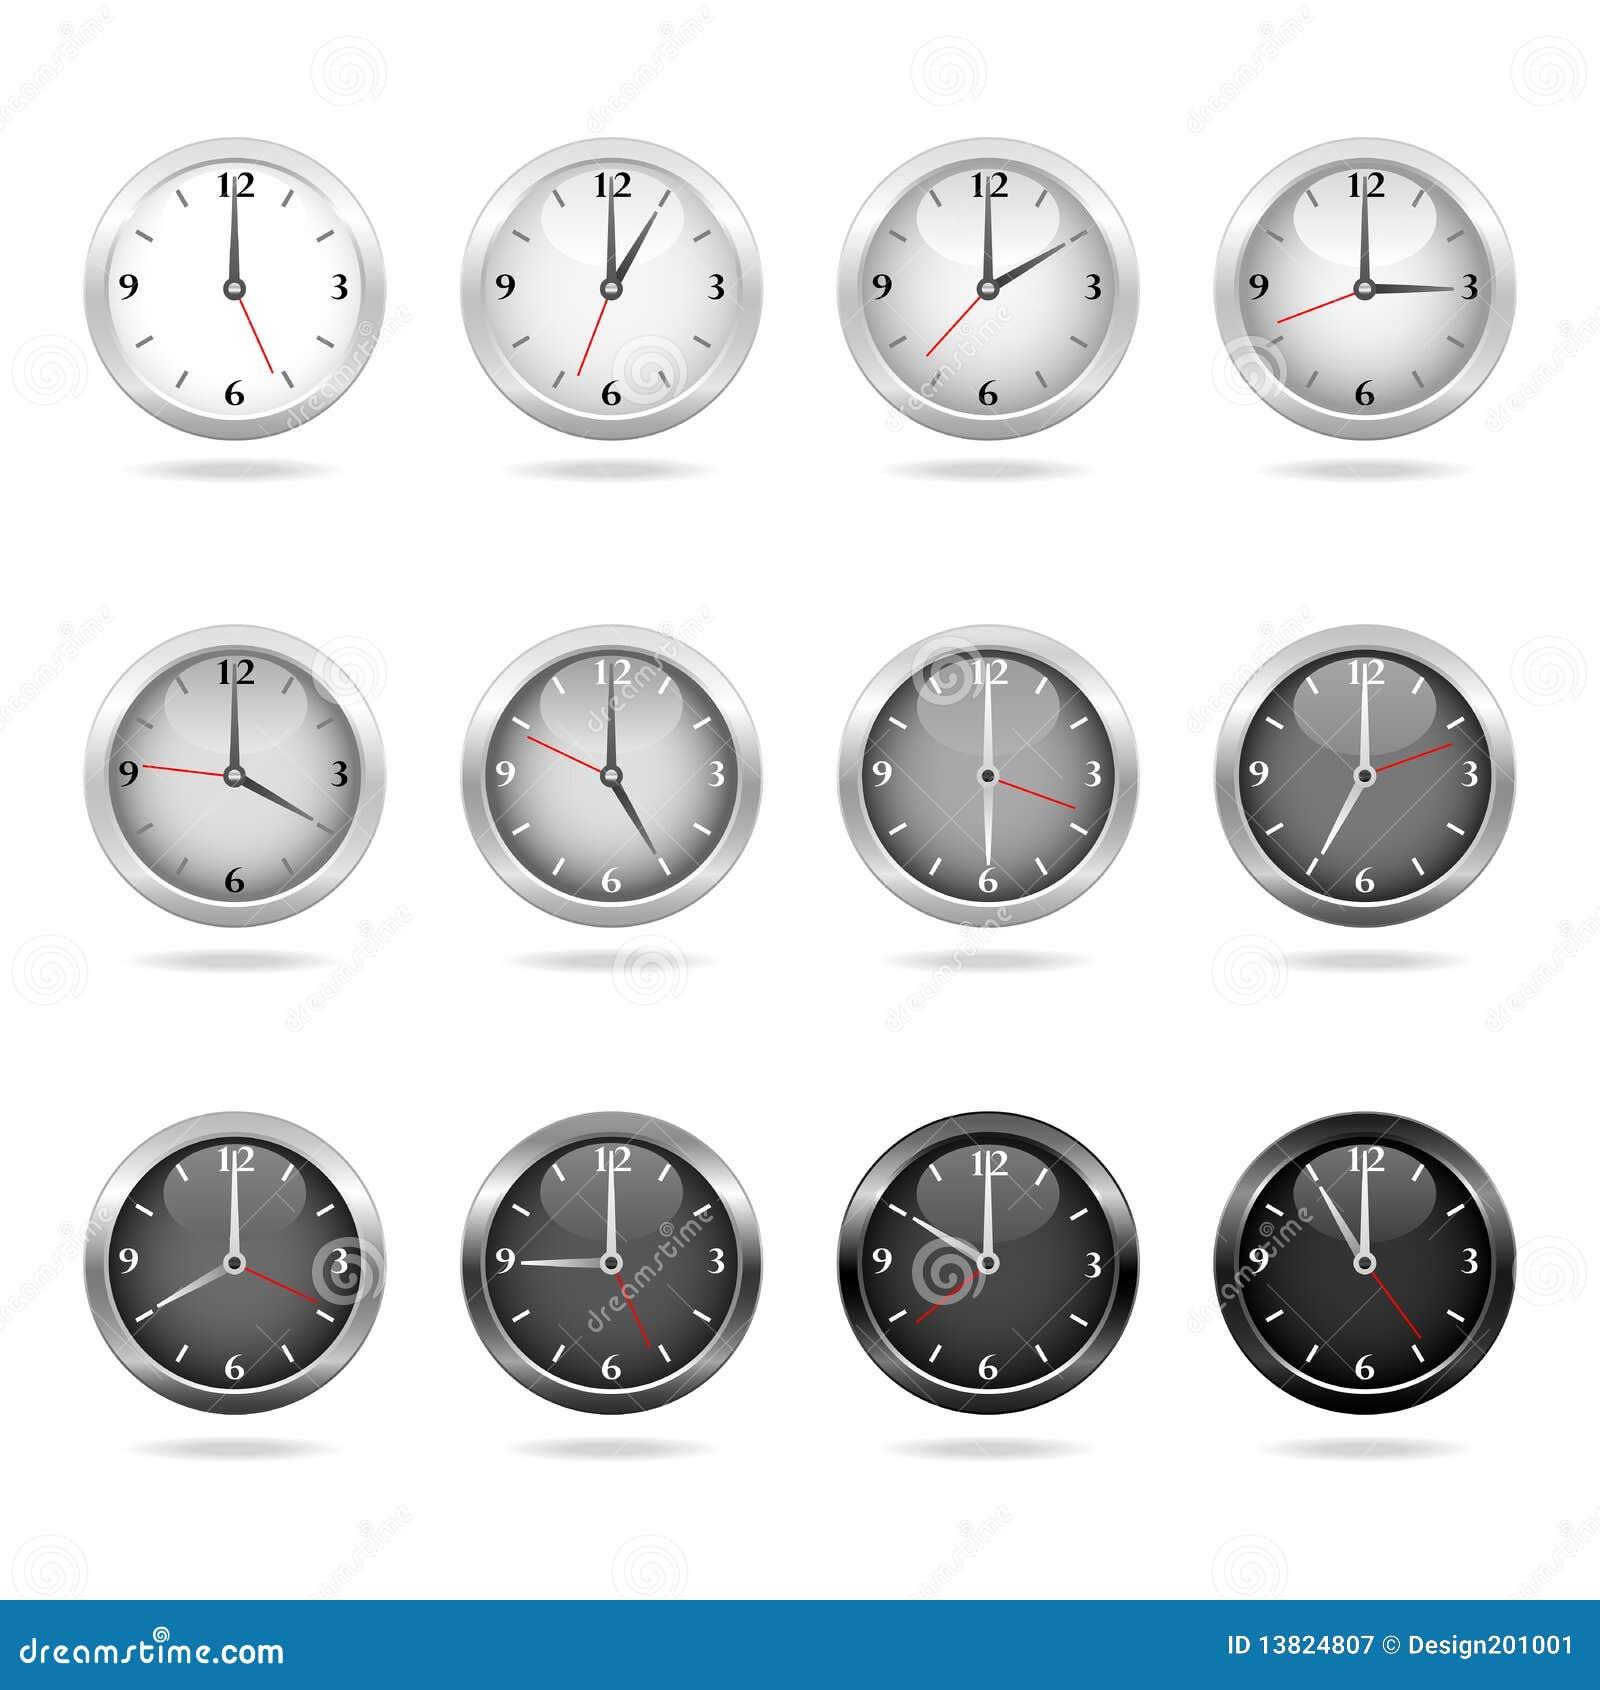 Horloges et montres - positionnement 2 - blanc et noir